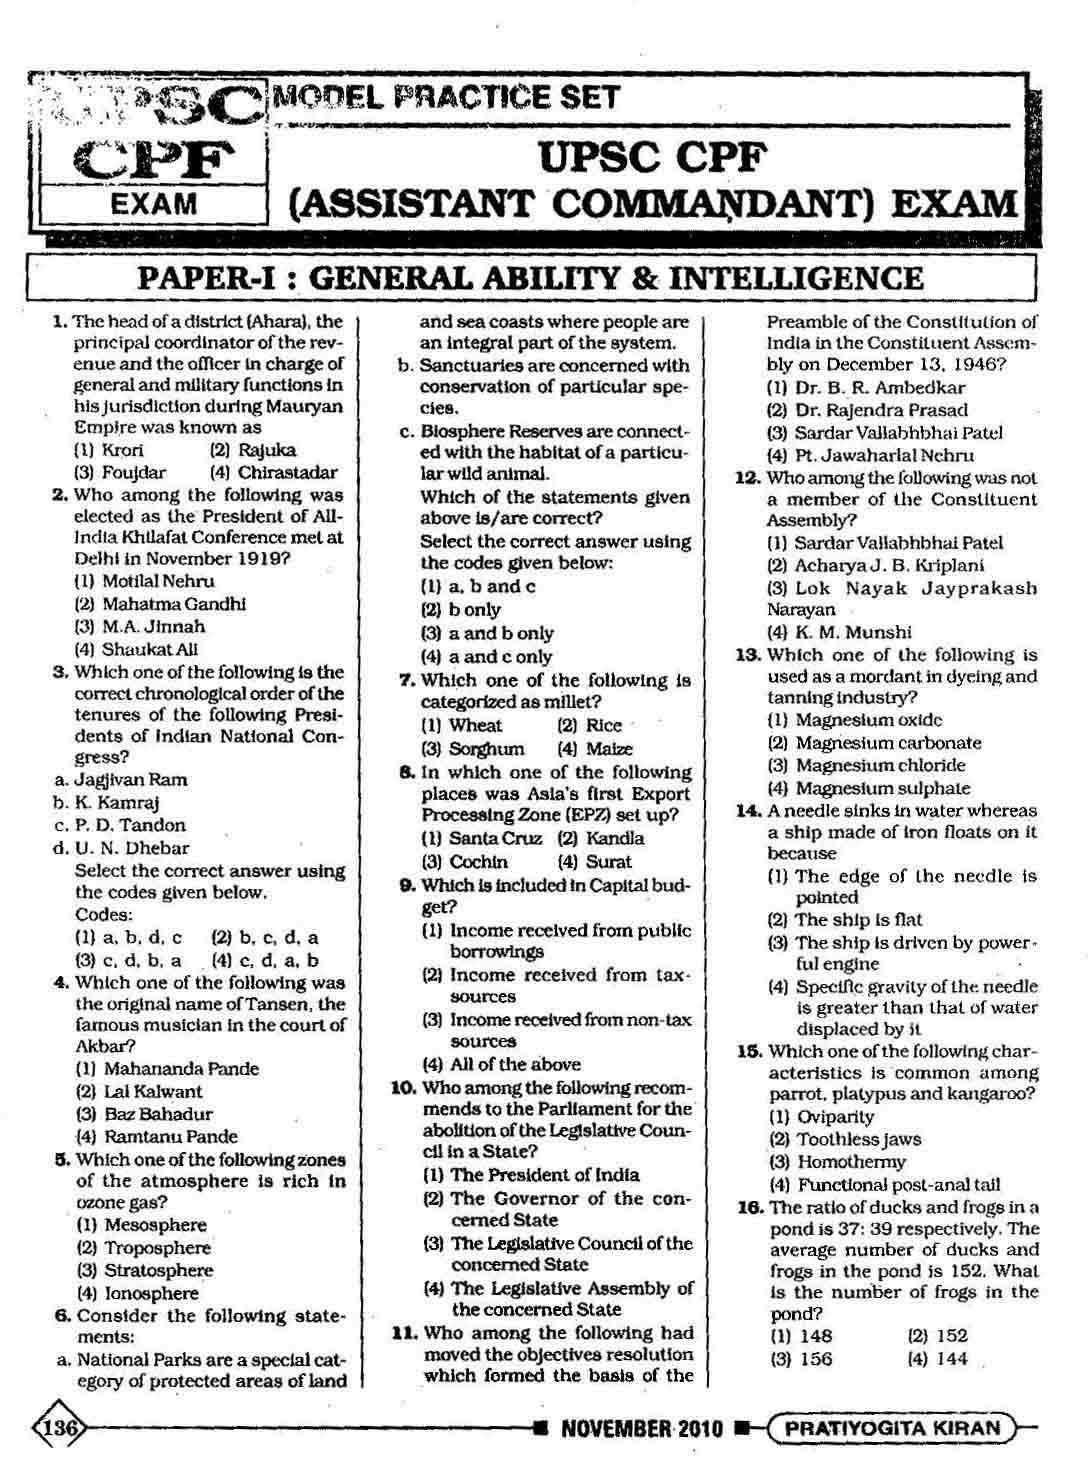 UPSC Mains Essay Paper